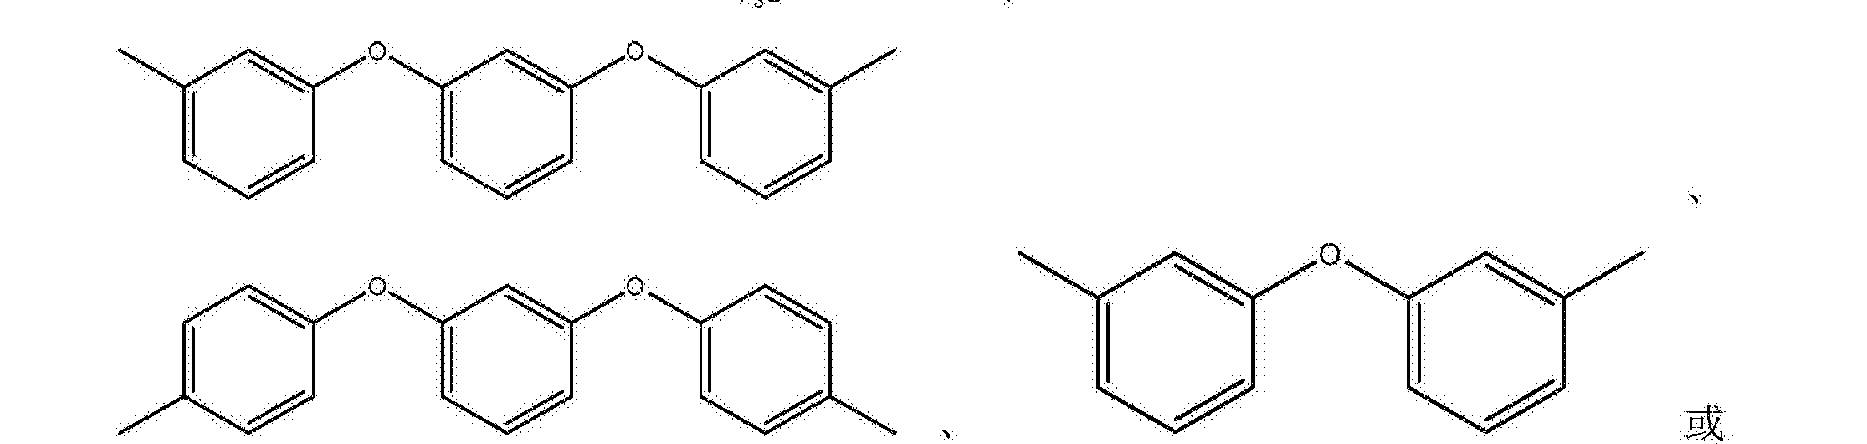 Figure CN104829837BD00133